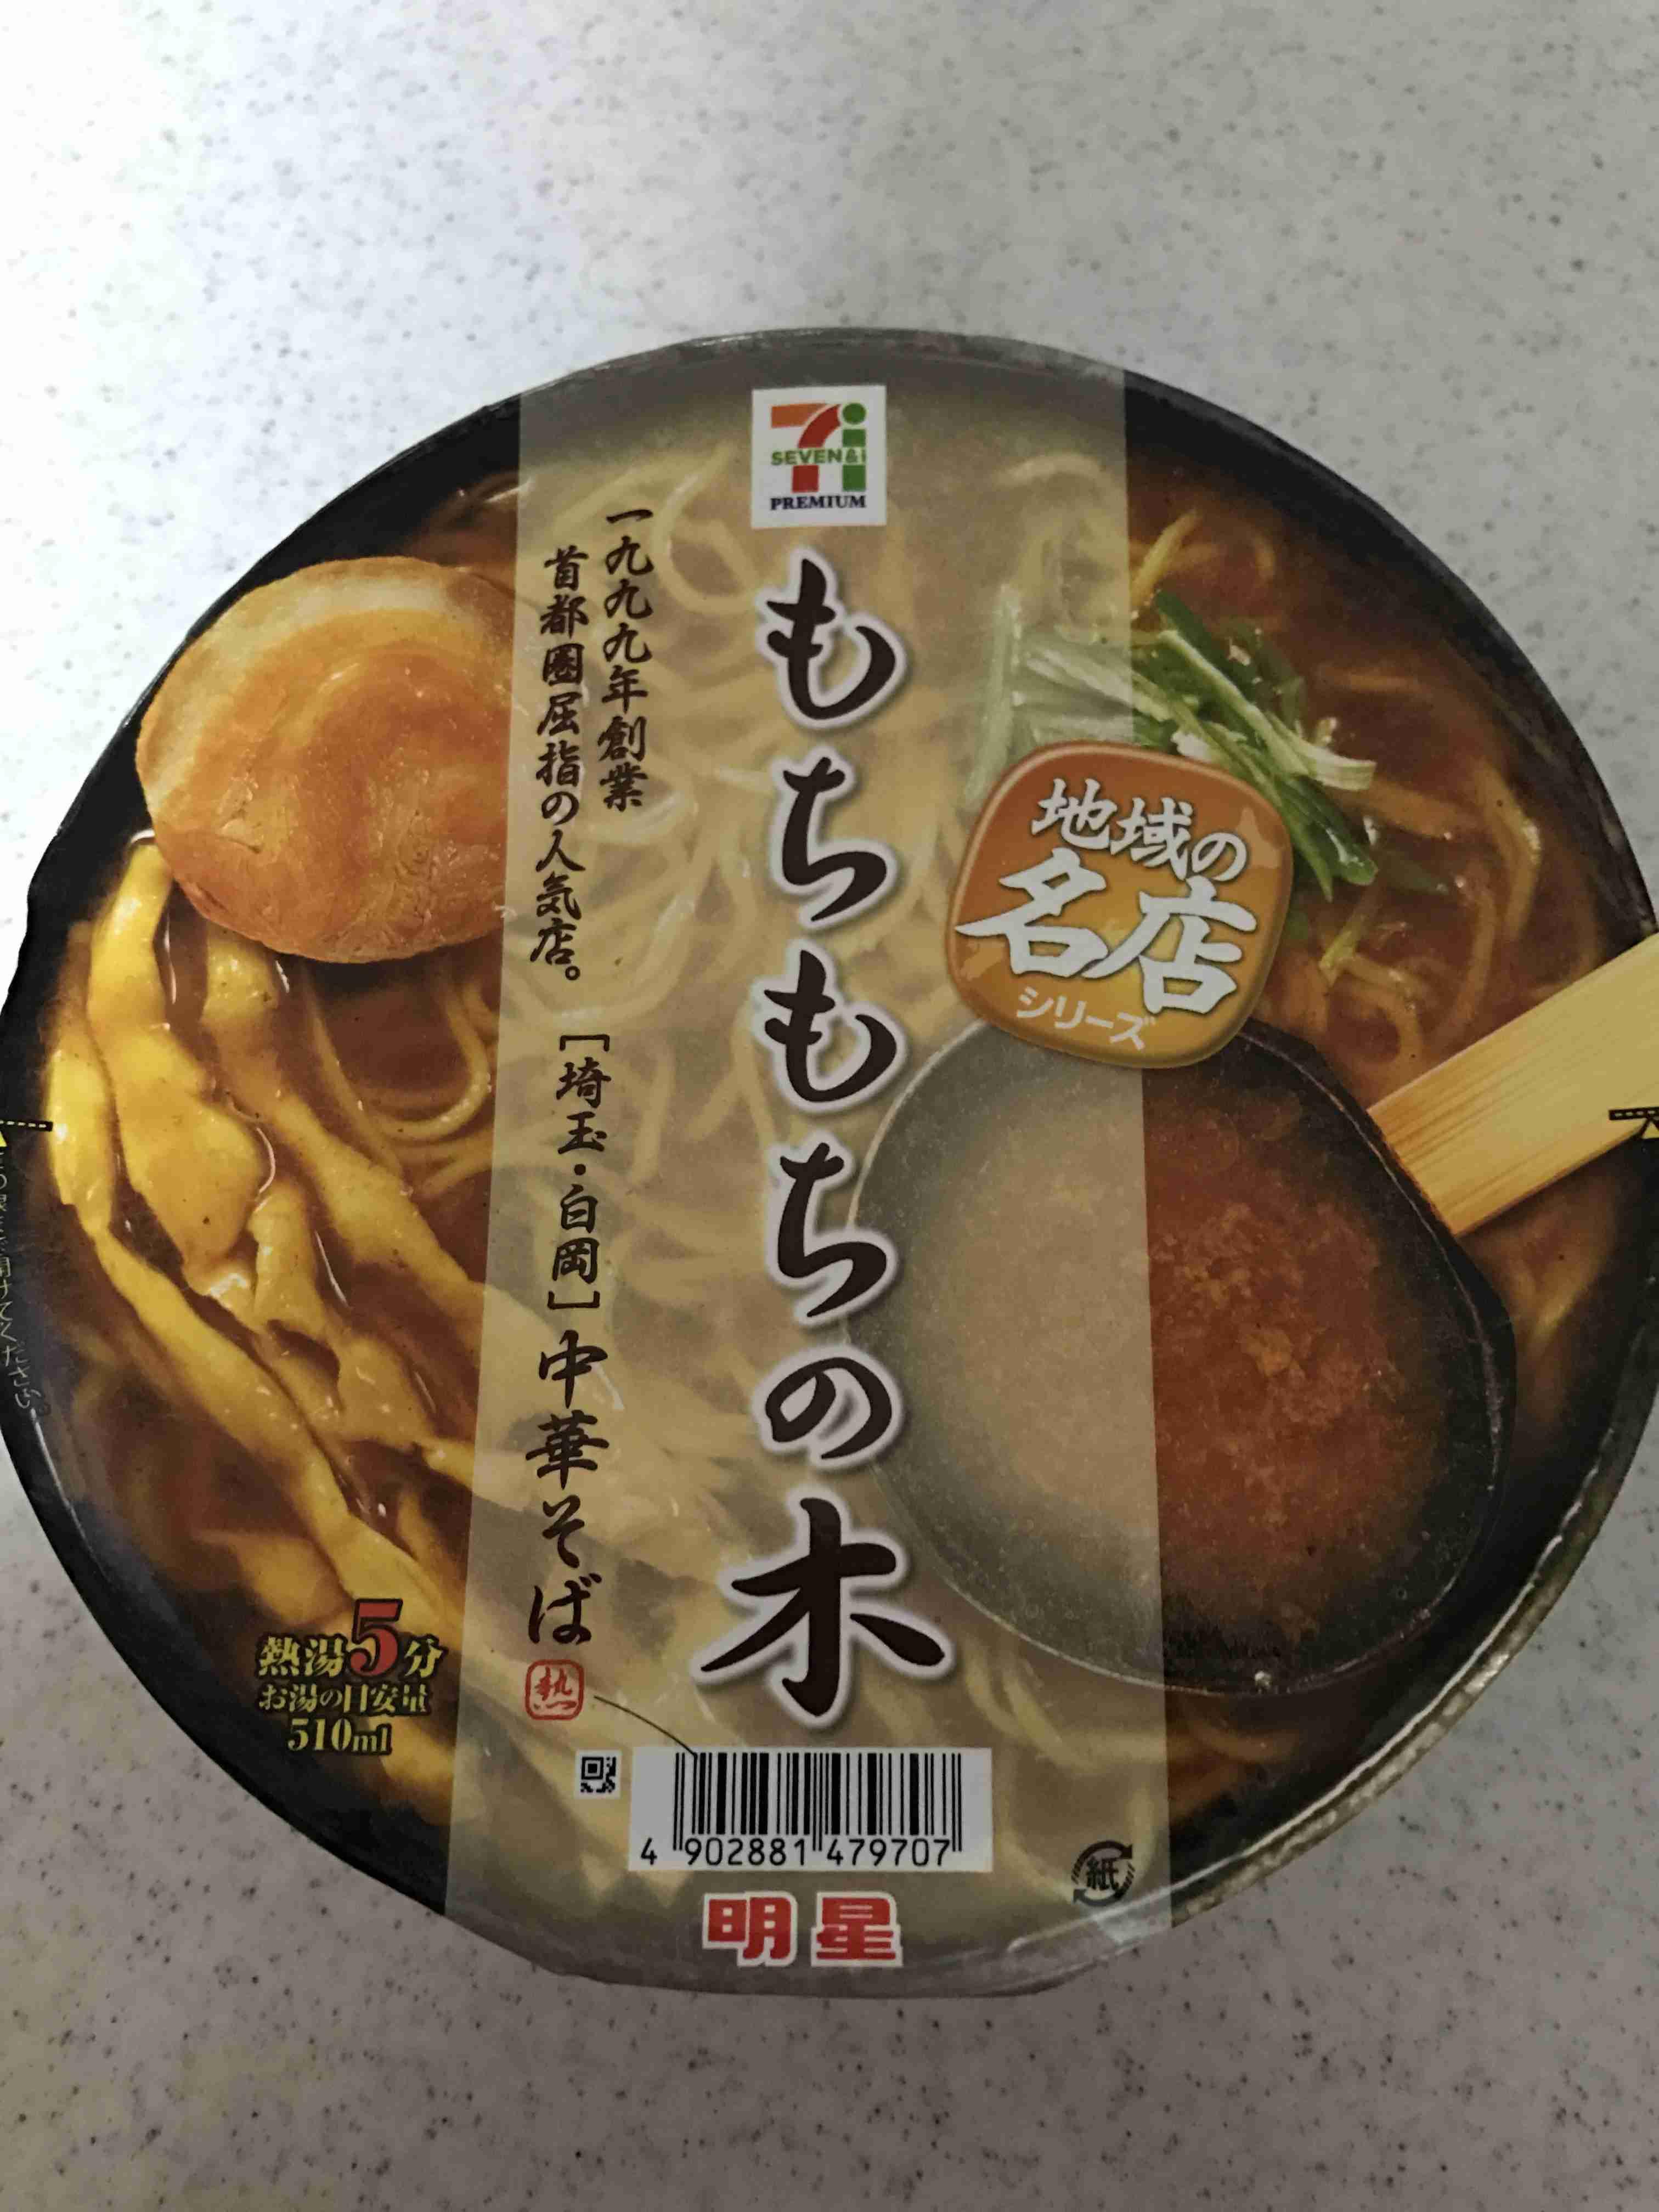 ひたすらカップ麺について語るトピ